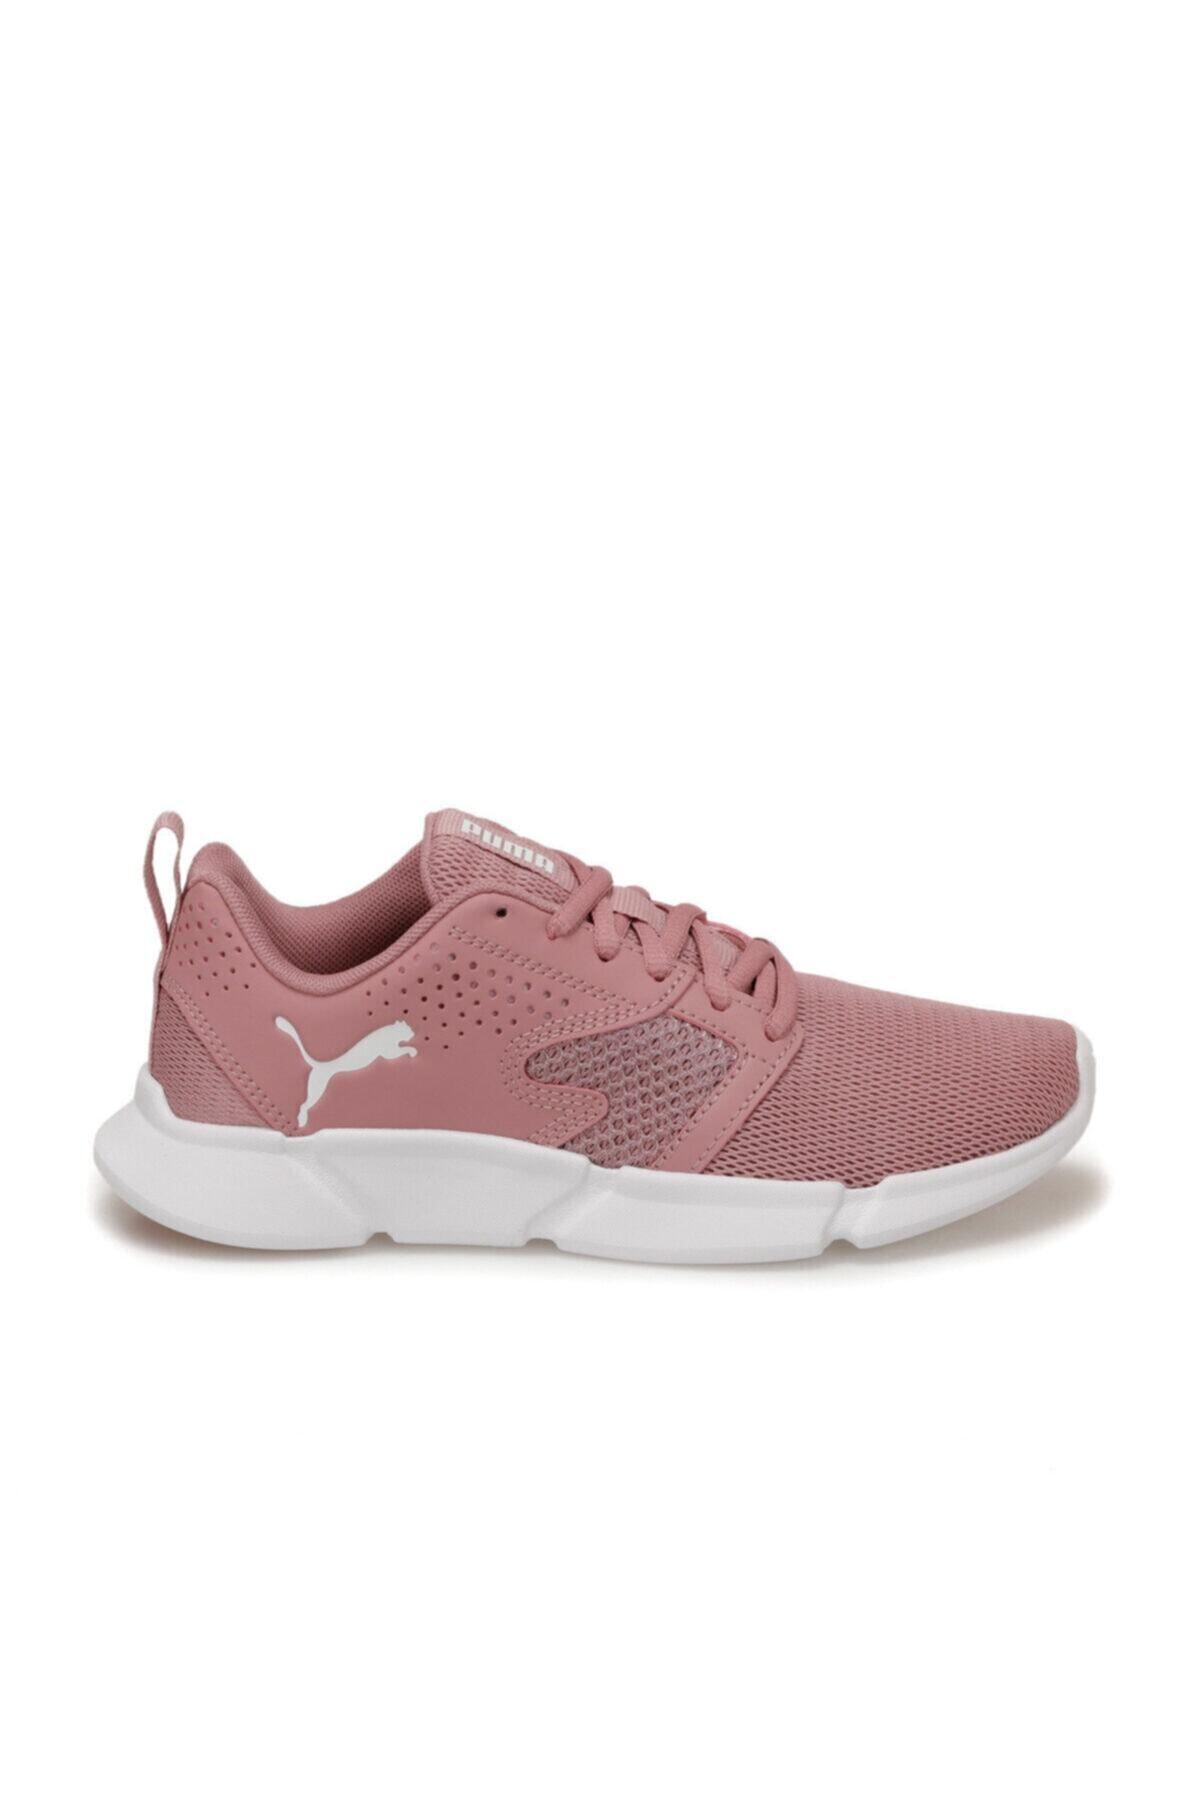 Puma INTERFLEX MODERN Pembe Kadın Koşu Ayakkabısı 100637472 2